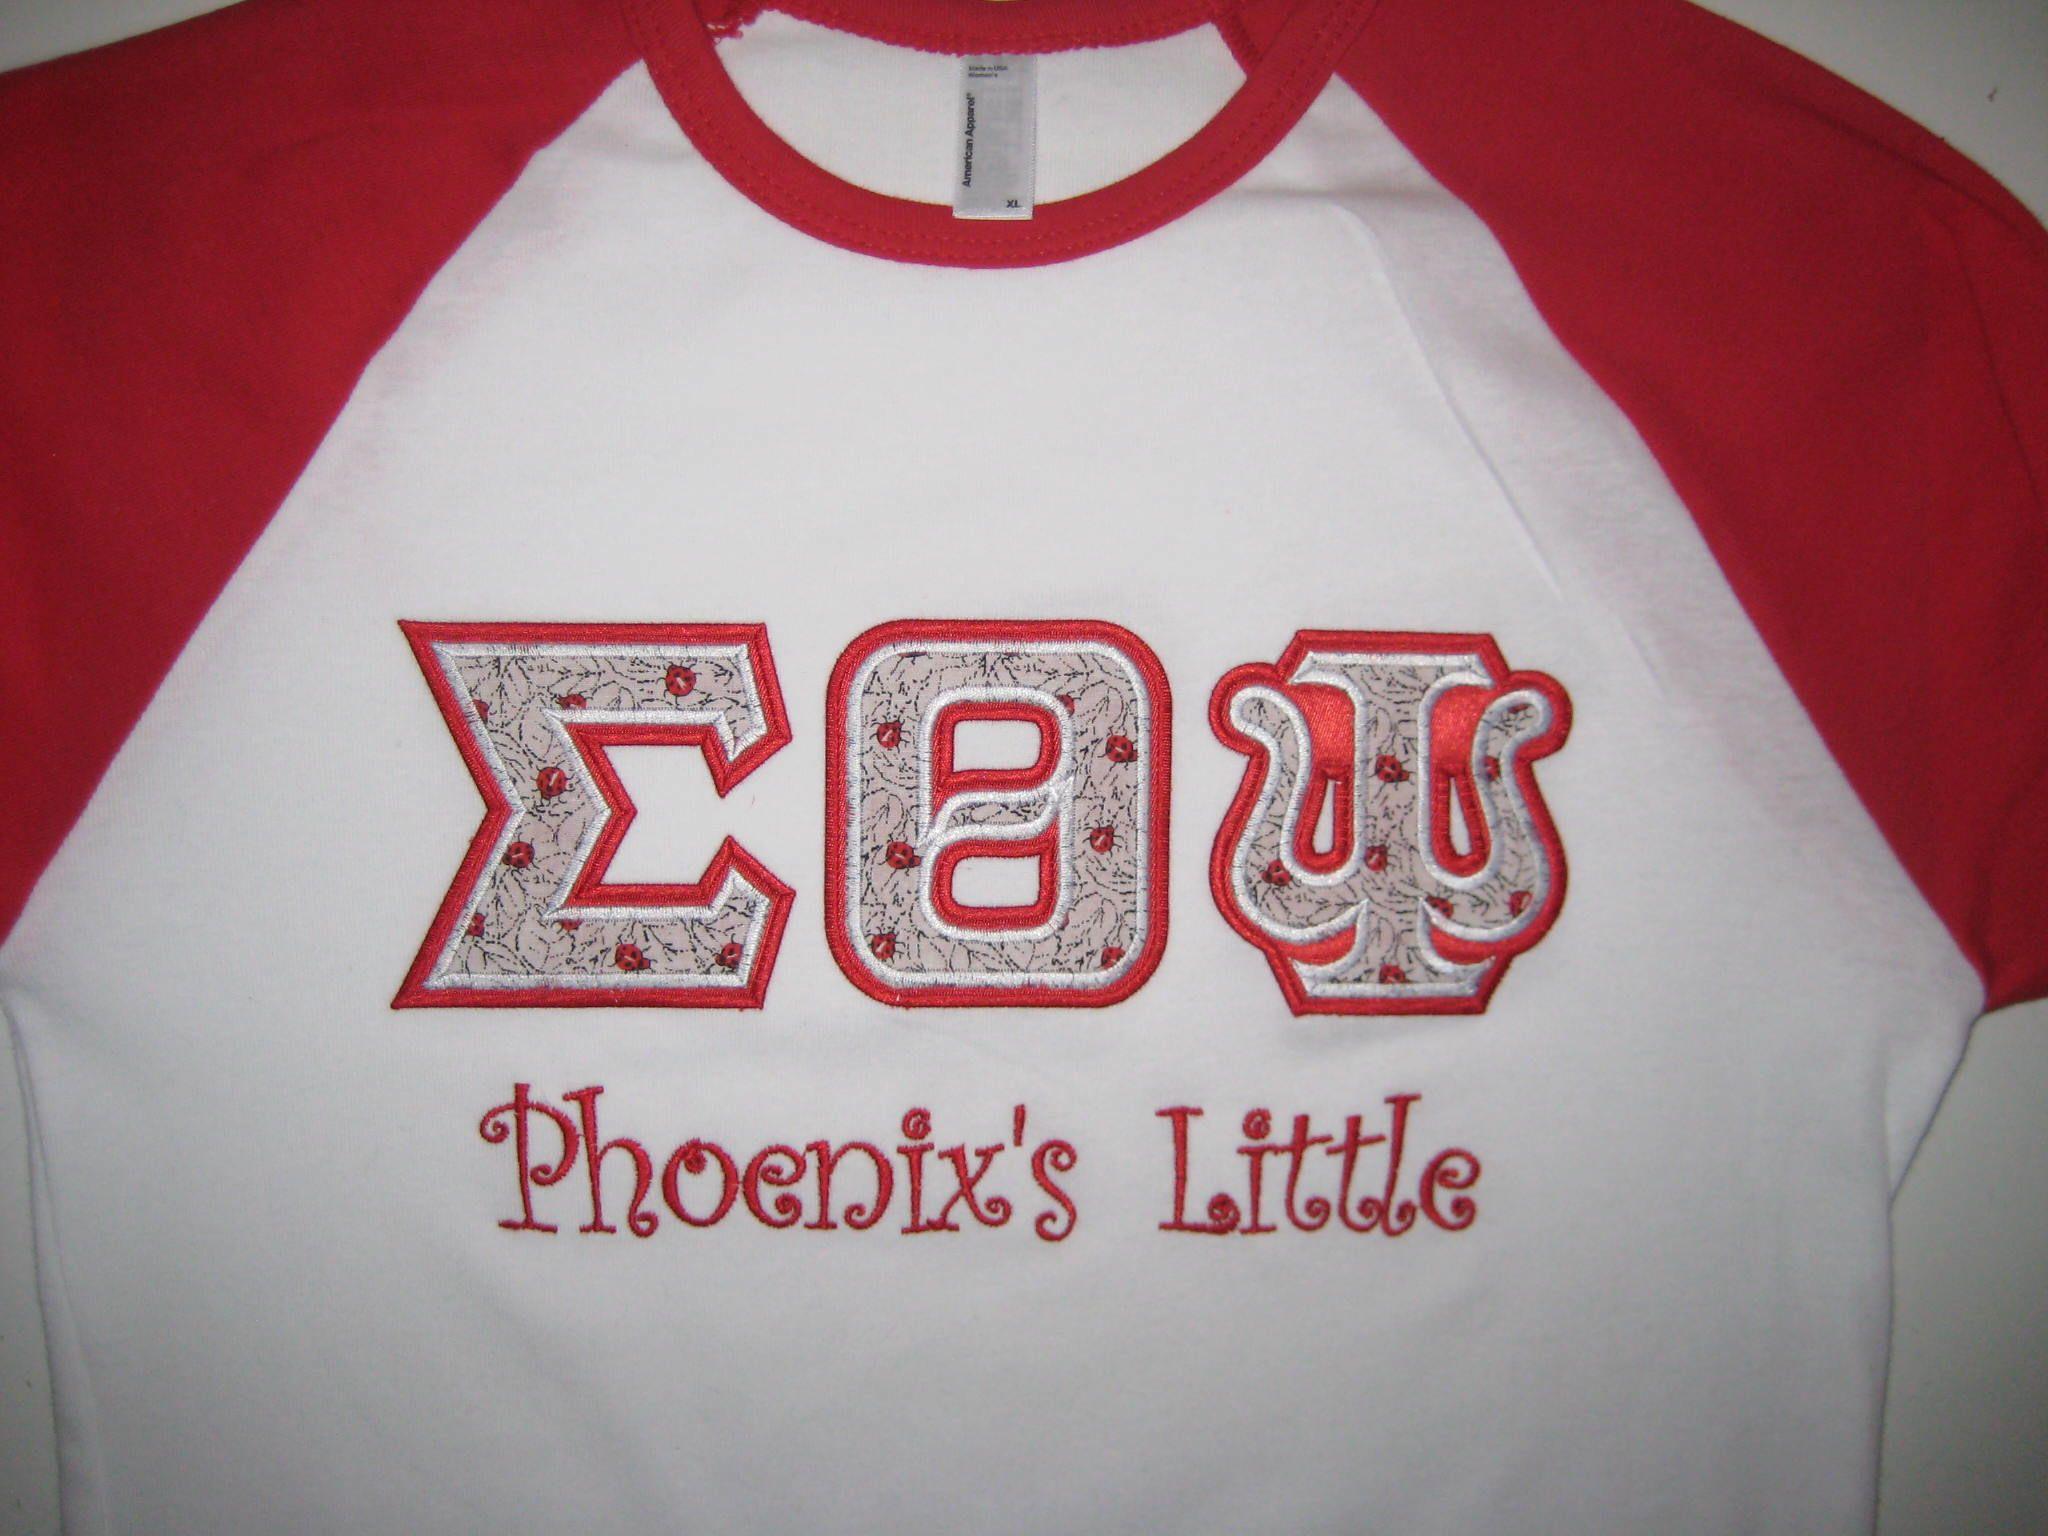 stitch letter shirts